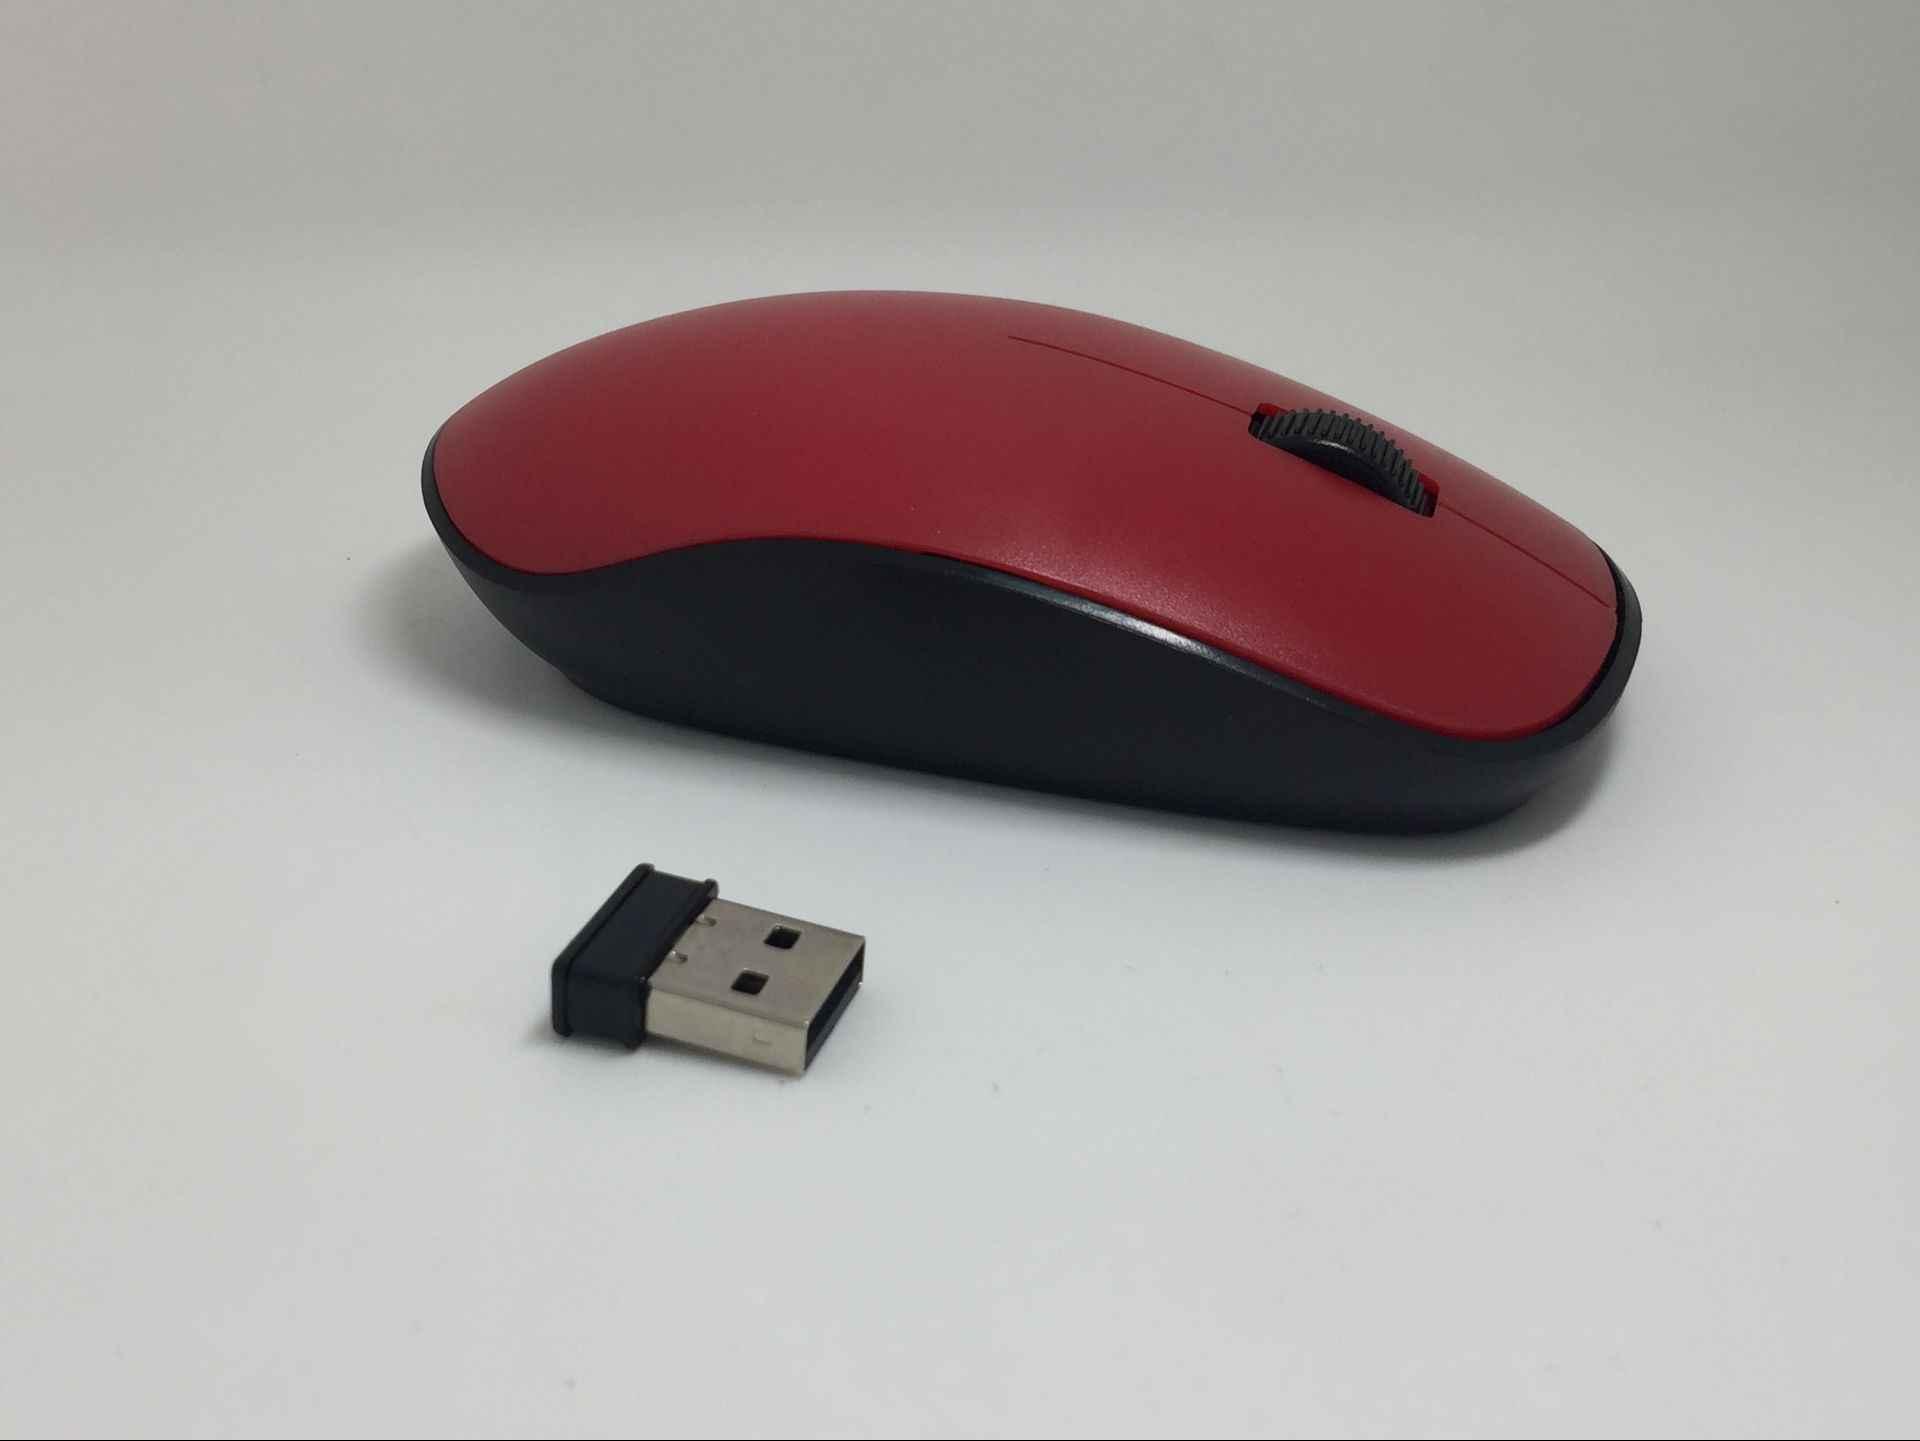 2 4 ГГц приемник мышь для ПК ноутбука настольная USB Беспроводная ly mause souris muis мини